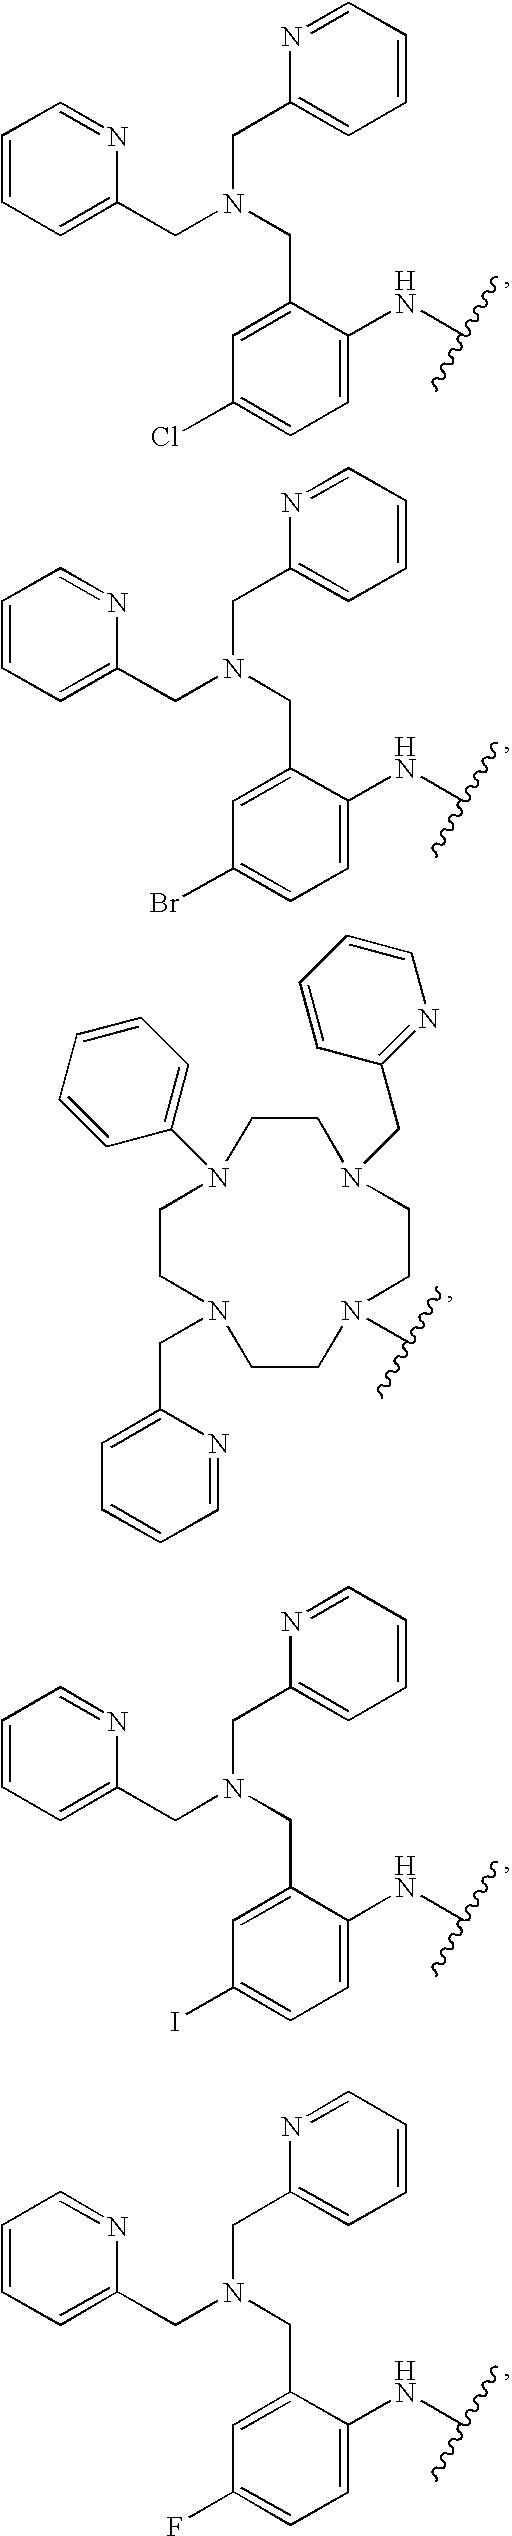 Figure US07488820-20090210-C00027